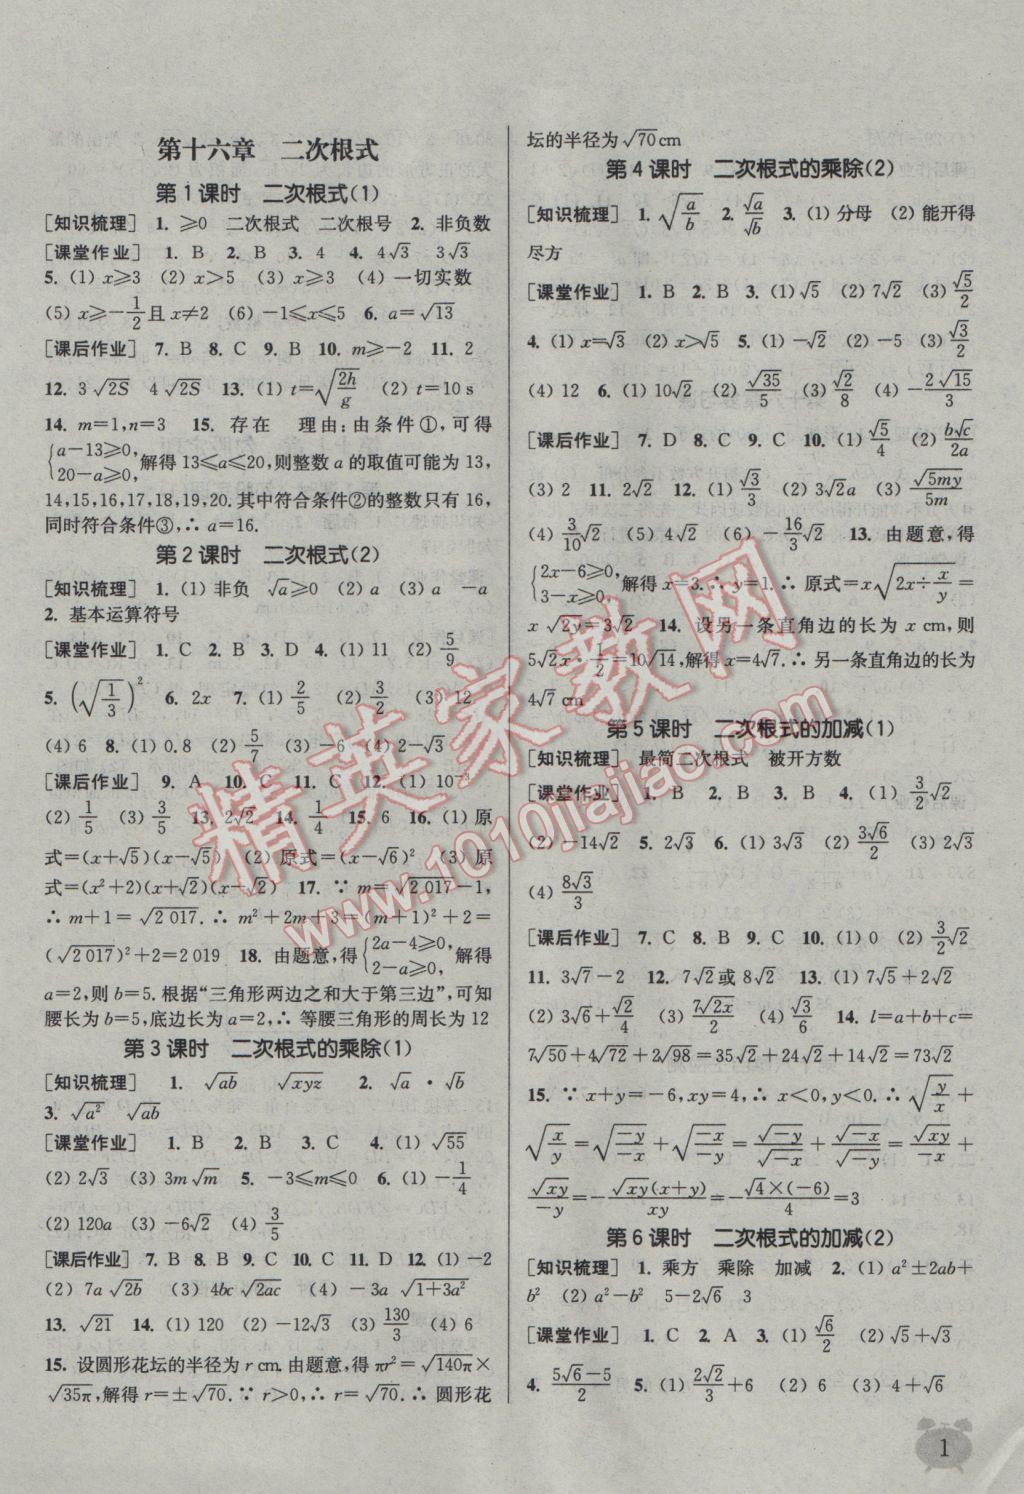 2017年通城学典课时作业本八年级数学下册人教版参考答案第1页